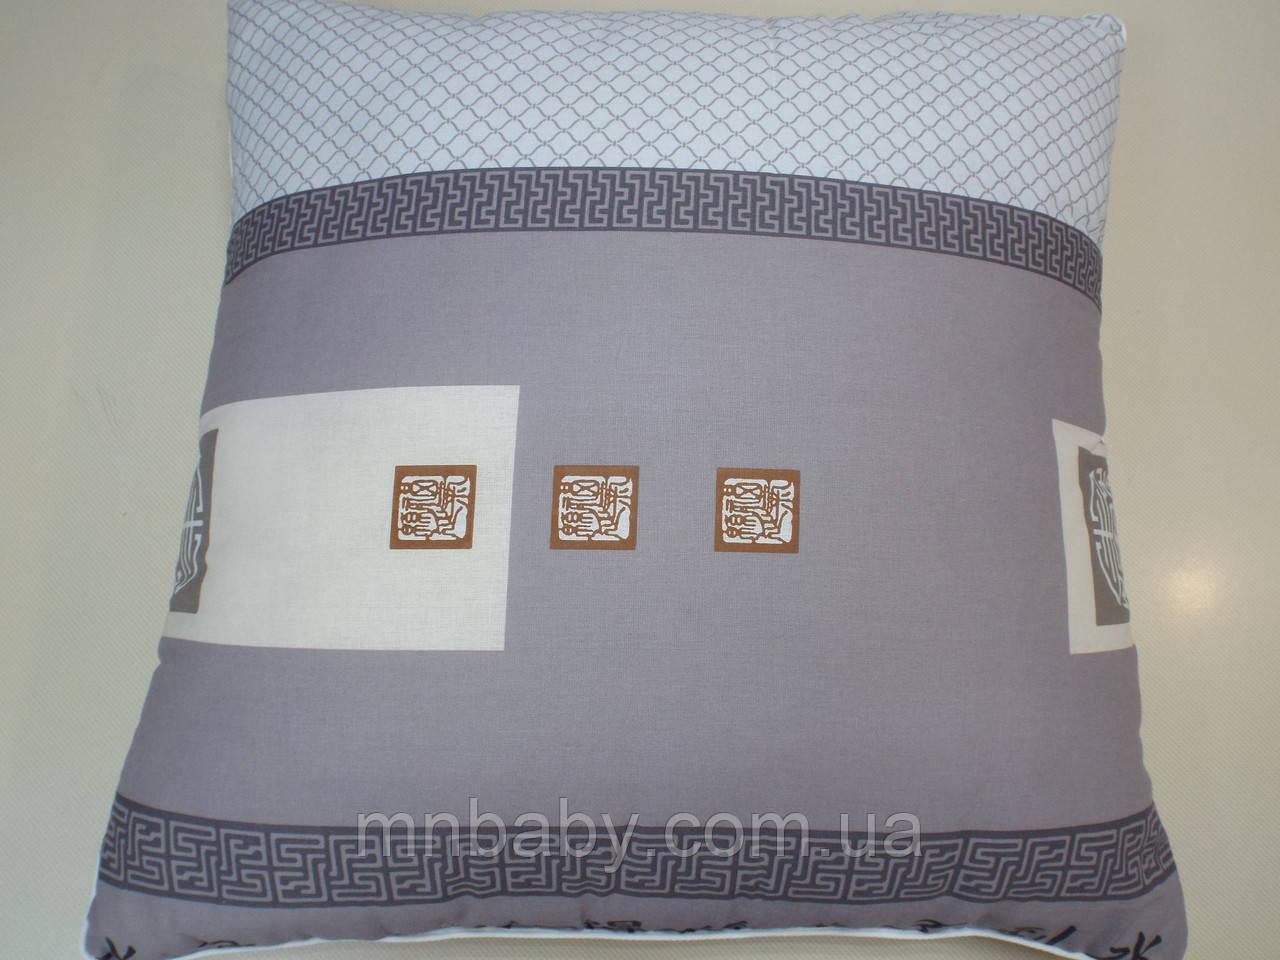 Подушка 70*70 см с силиконовым наполнителем